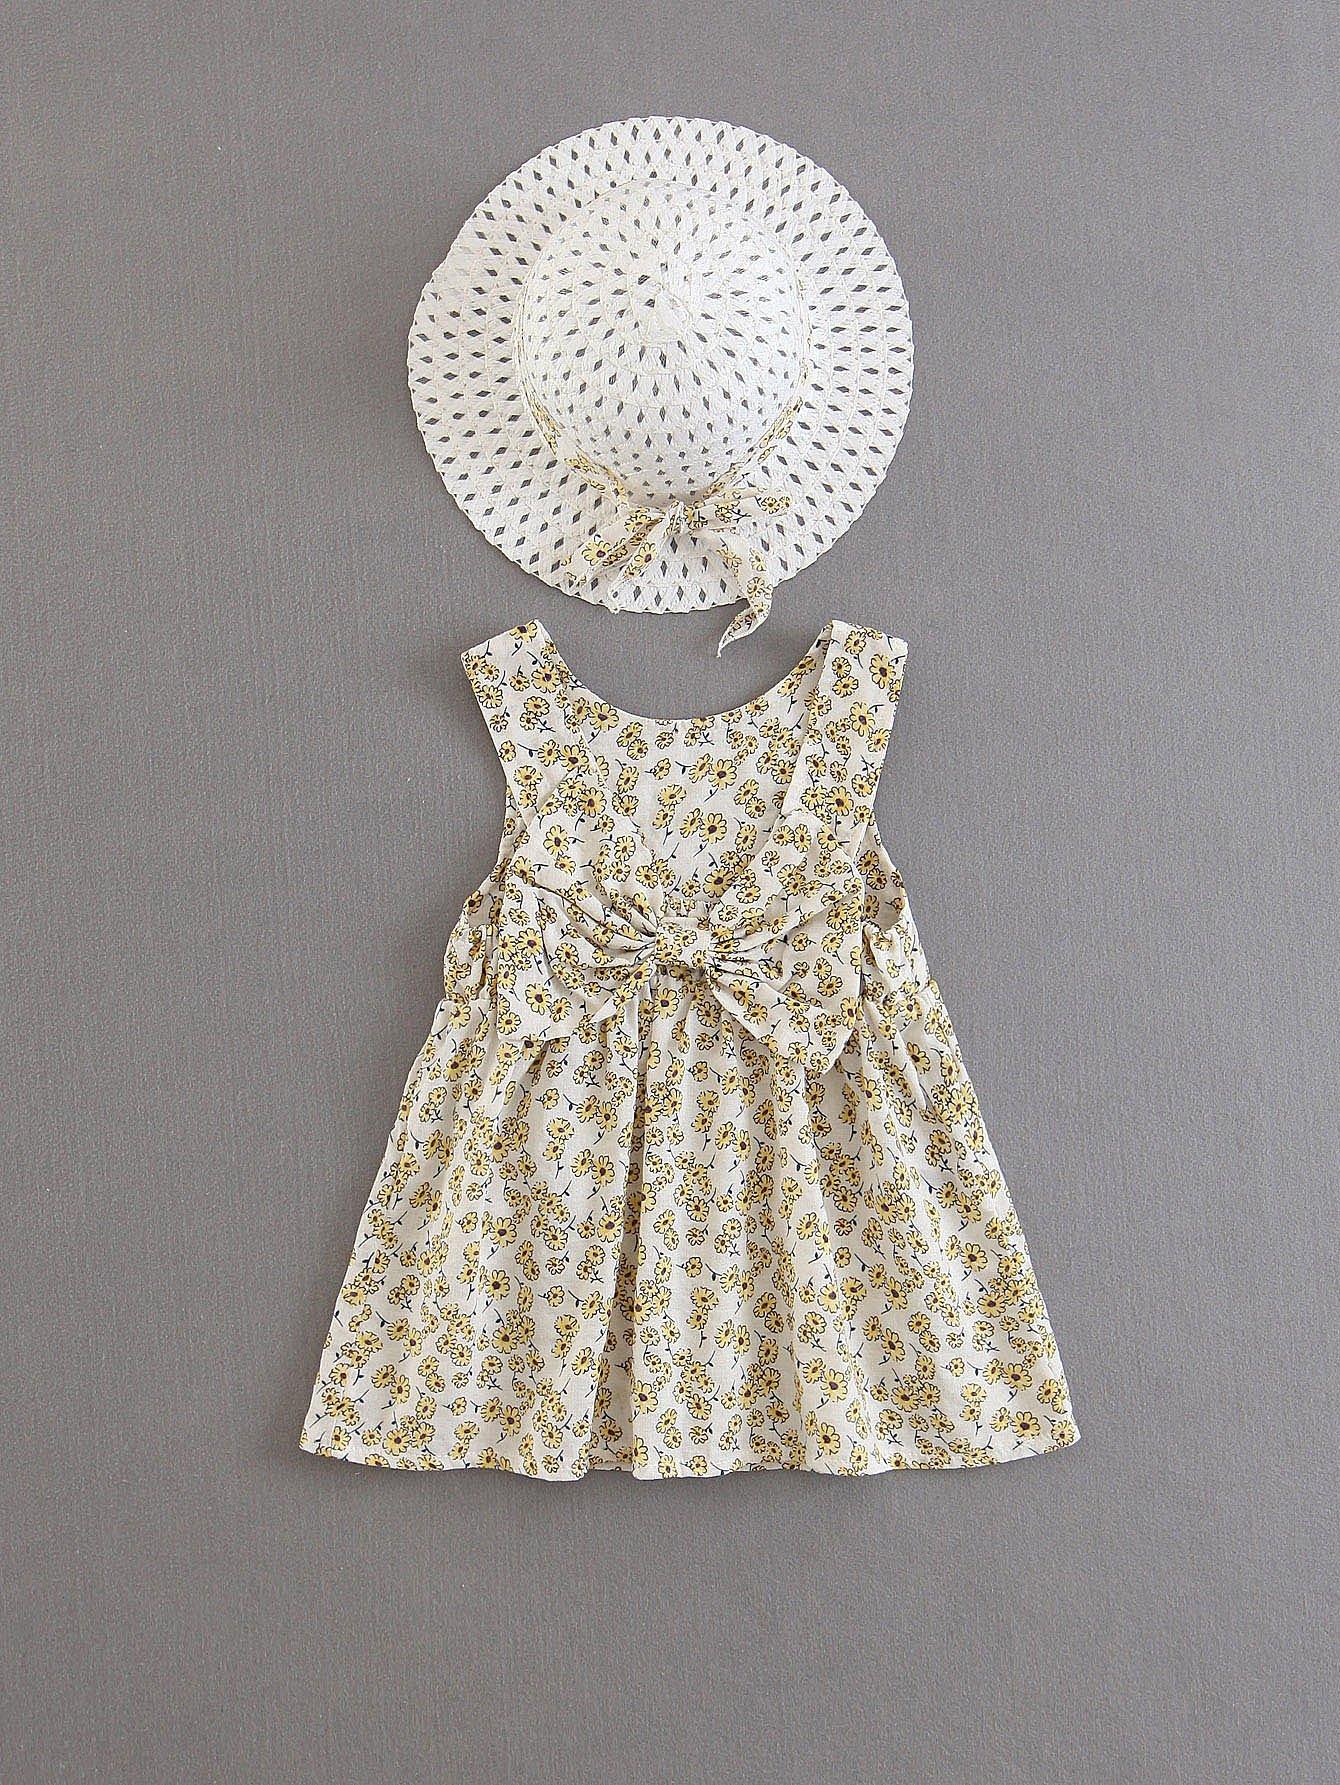 Купить Платье с принтом цветы и бантом и шапка, null, SheIn